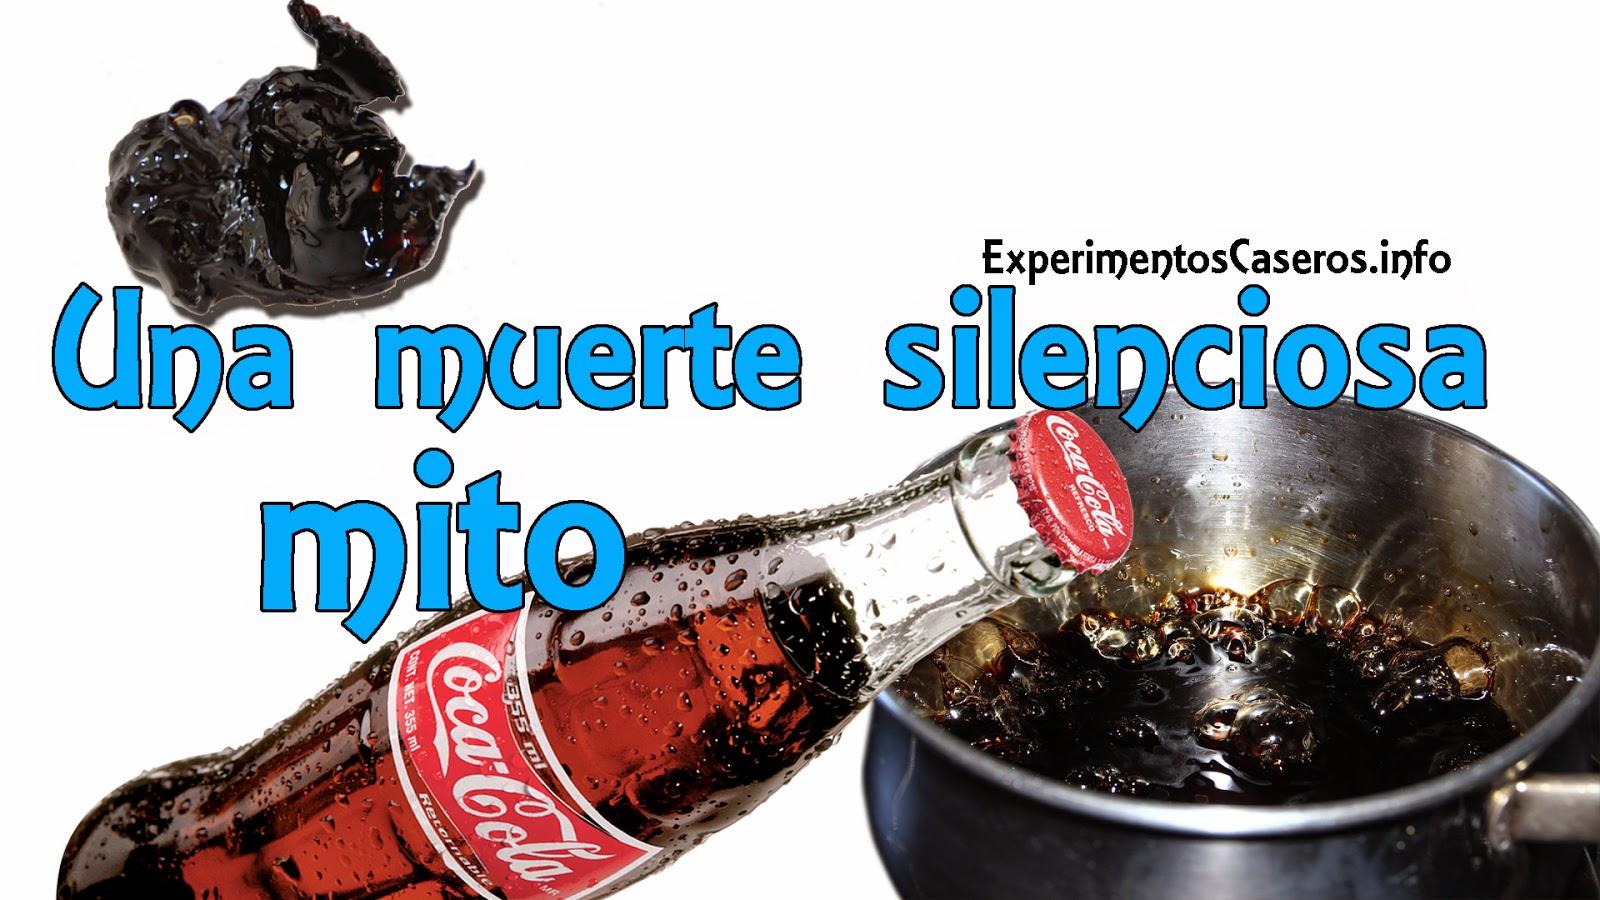 Mira lo que ocurre cuando hierves Coca Cola, una muerte silenciosa, Desvelando Mitos, Experimentos Caseros, experimentos, experimento, experimento casero, mitos de la coca cola, leyendas de la coca cola, mitos y leyendas de la coca cola, mitos y leyendas, coca cola hervida, inventos caseros, invento, inventos, invento casero, experimentos para niños